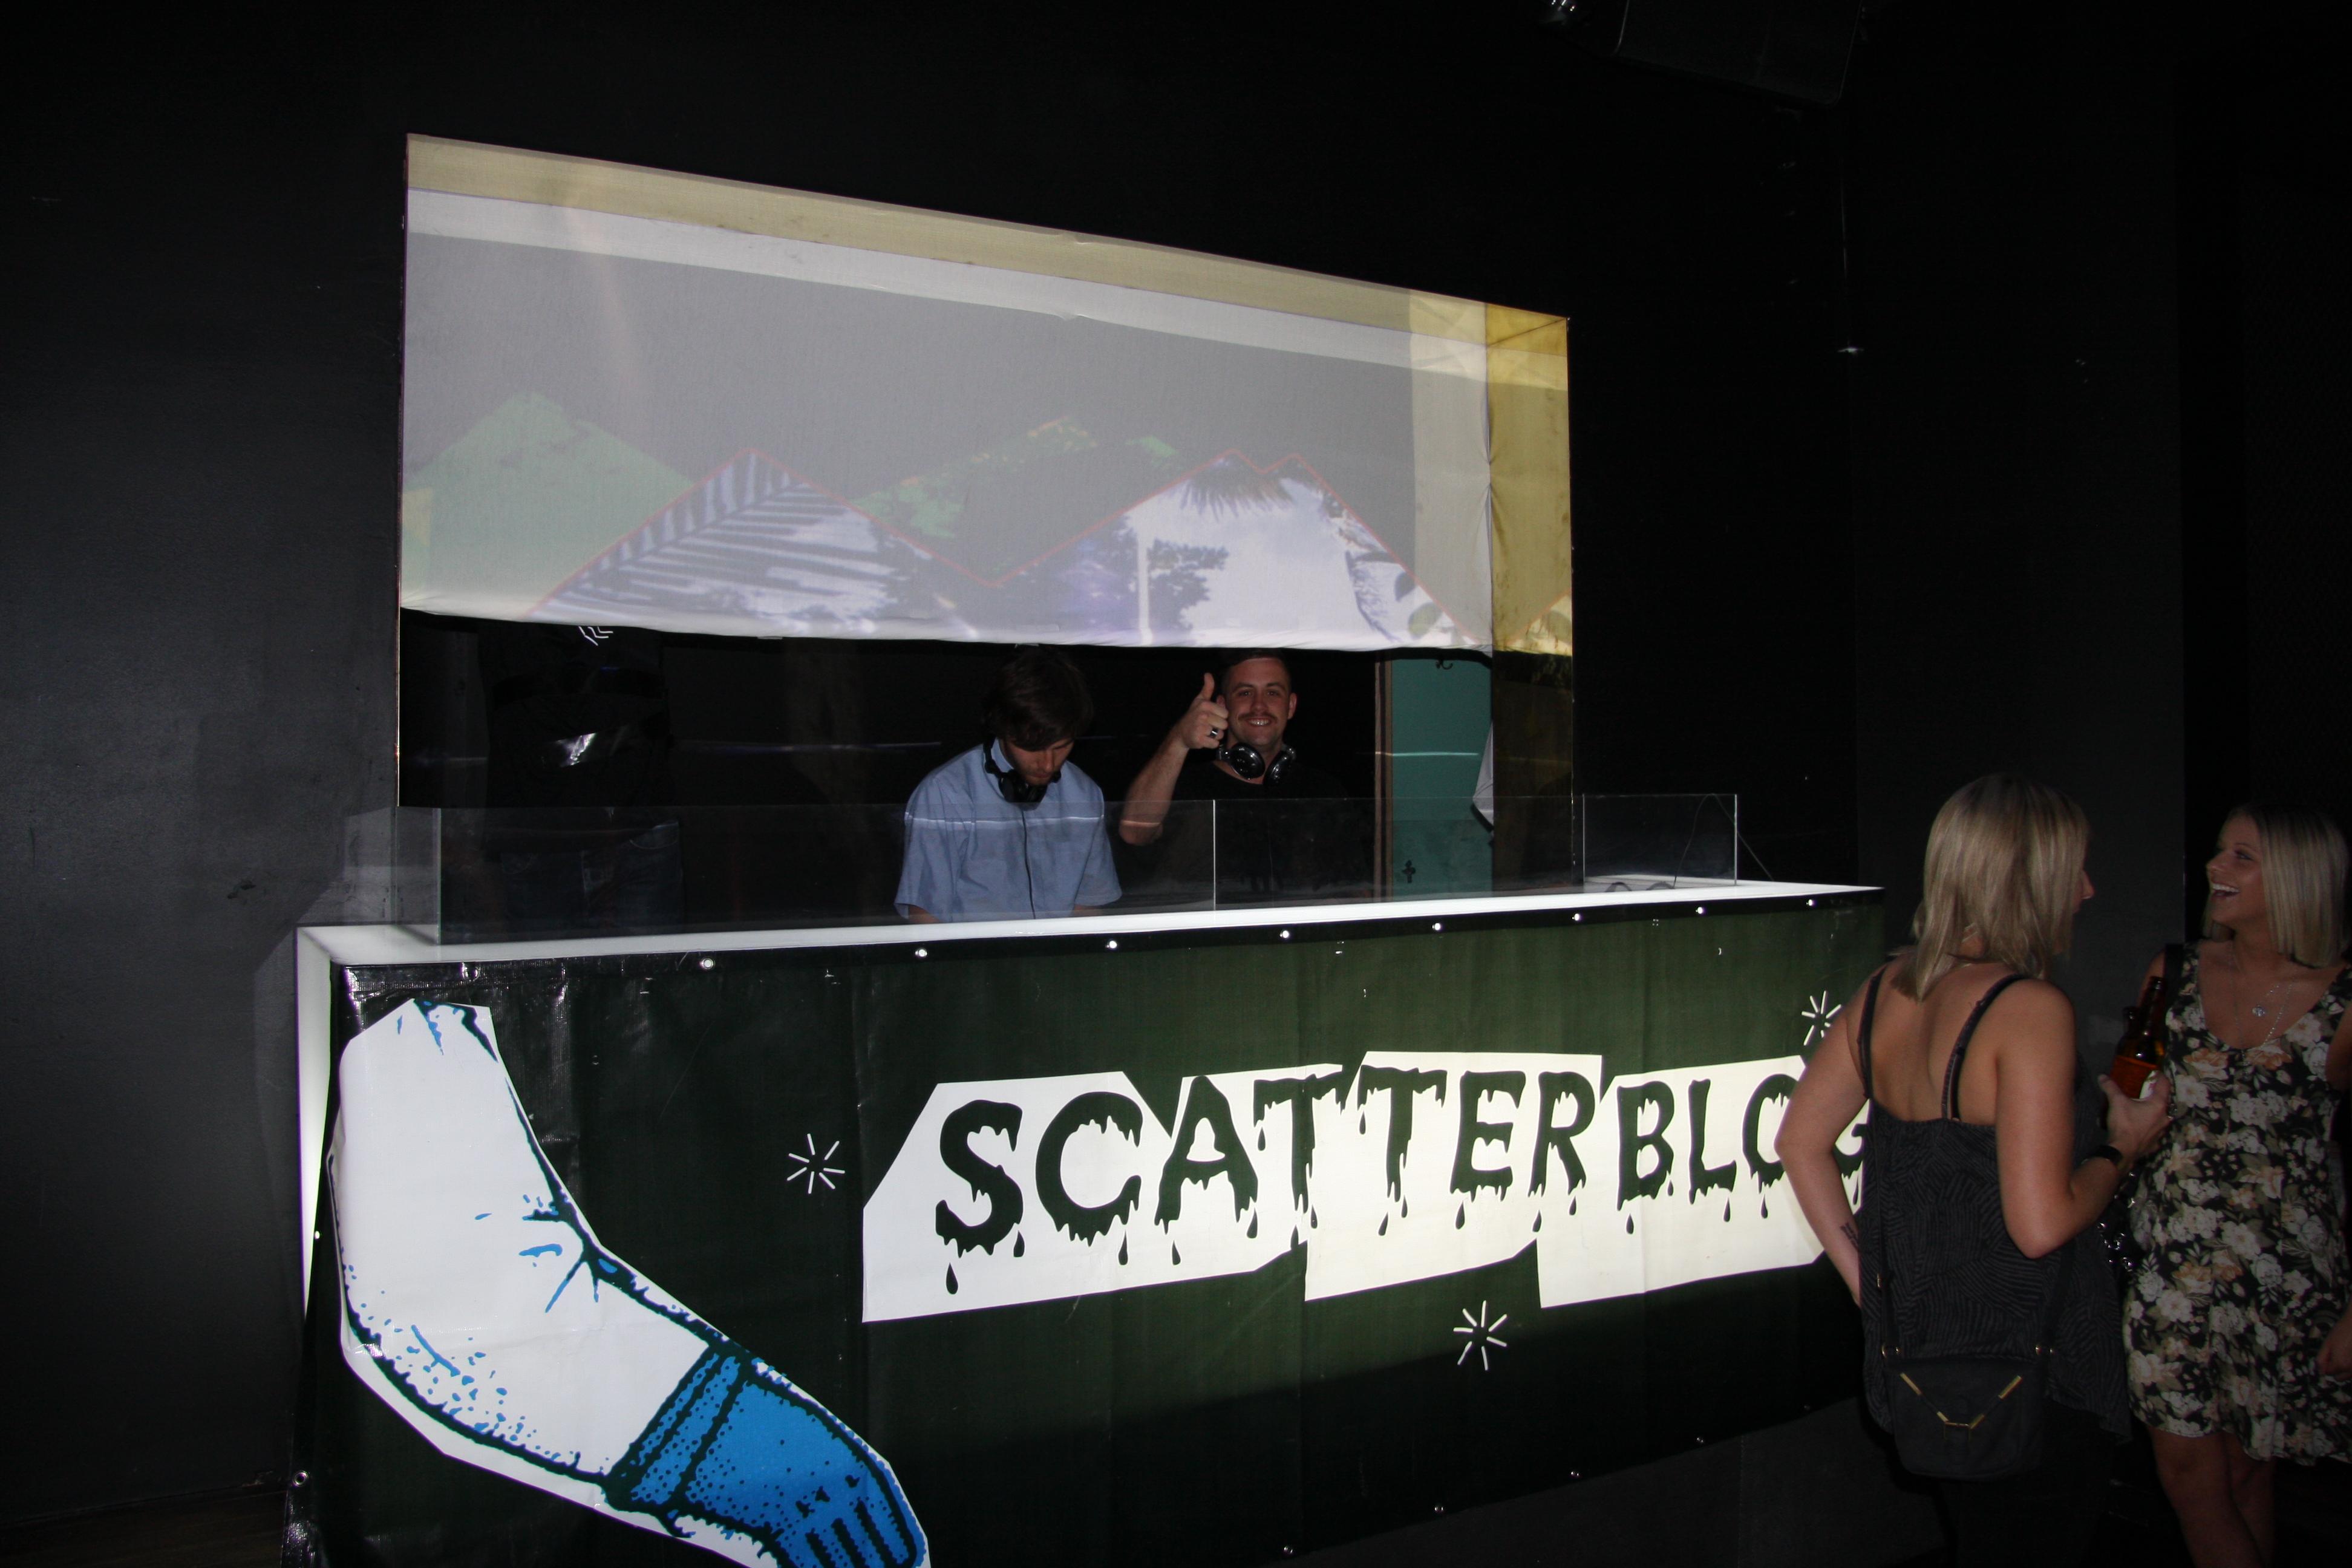 Scatterblog - Banner